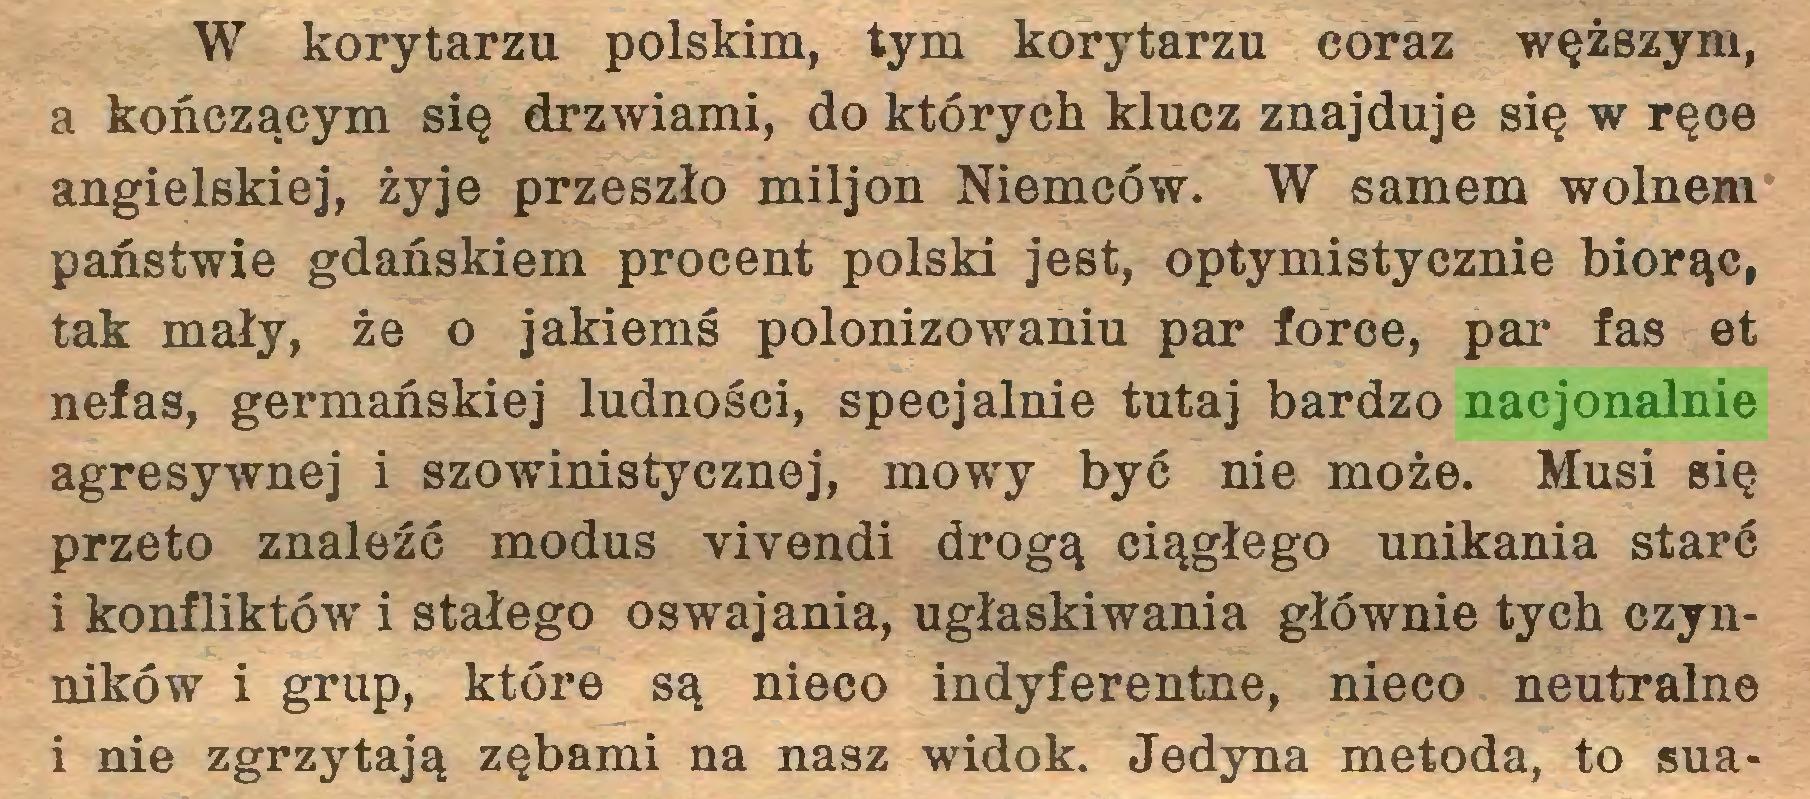 (...) W korytarzu polskim, tym korytarzu coraz węższym, a kończącym się drzwiami, do których klucz znajduje się w ręoe angielskiej, żyje przeszło miljon Niemców. W samem wolnem państwie gdańskiem procent polski jest, optymistycznie biorąc, tak mały, że o jakiemś polonizowaniu par force, par fas et nefas, germańskiej ludności, specjalnie tutaj bardzo nacjonalnie agresywnej i szowinistycznej, mowy być nie może. Musi się przeto znaleźć modus vivendi drogą ciągłego unikania starć i konfliktów i stałego oswajania, ugłaskiwania głównie tych czynników i grup, które są nieco indyferentne, nieco neutralne i nie zgrzytają zębami na nasz widok. Jedyna metoda, to sua...